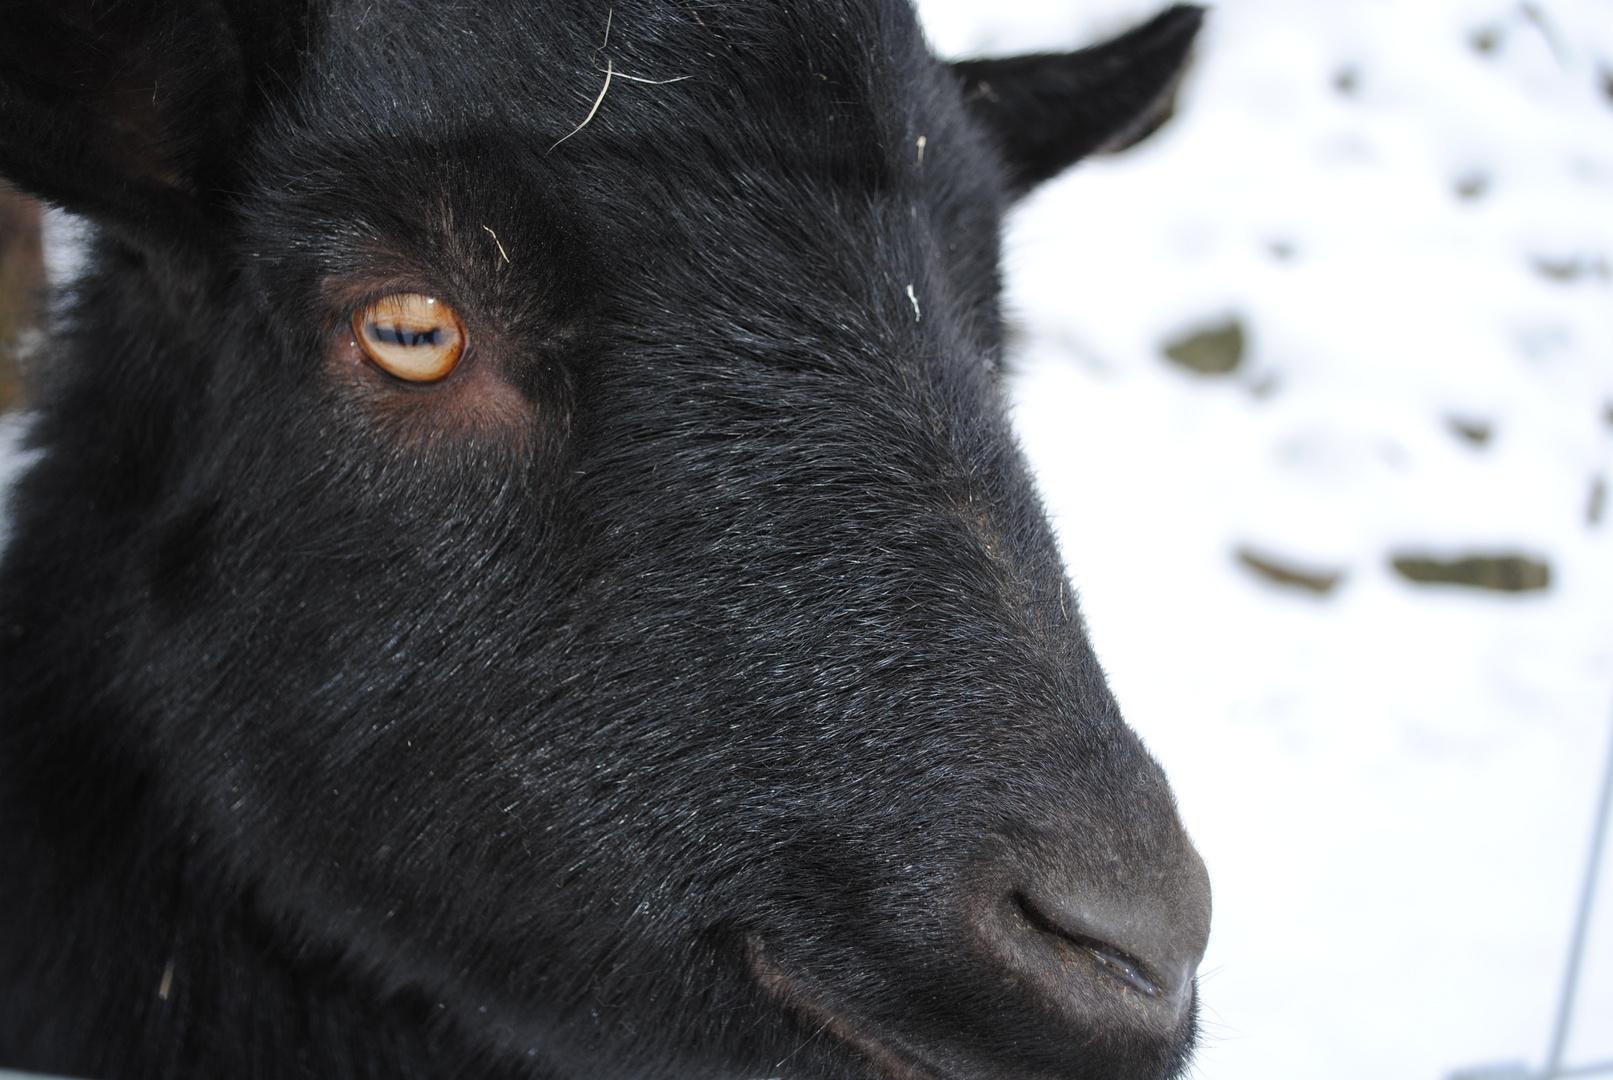 Schwarzer Ziegenbcok